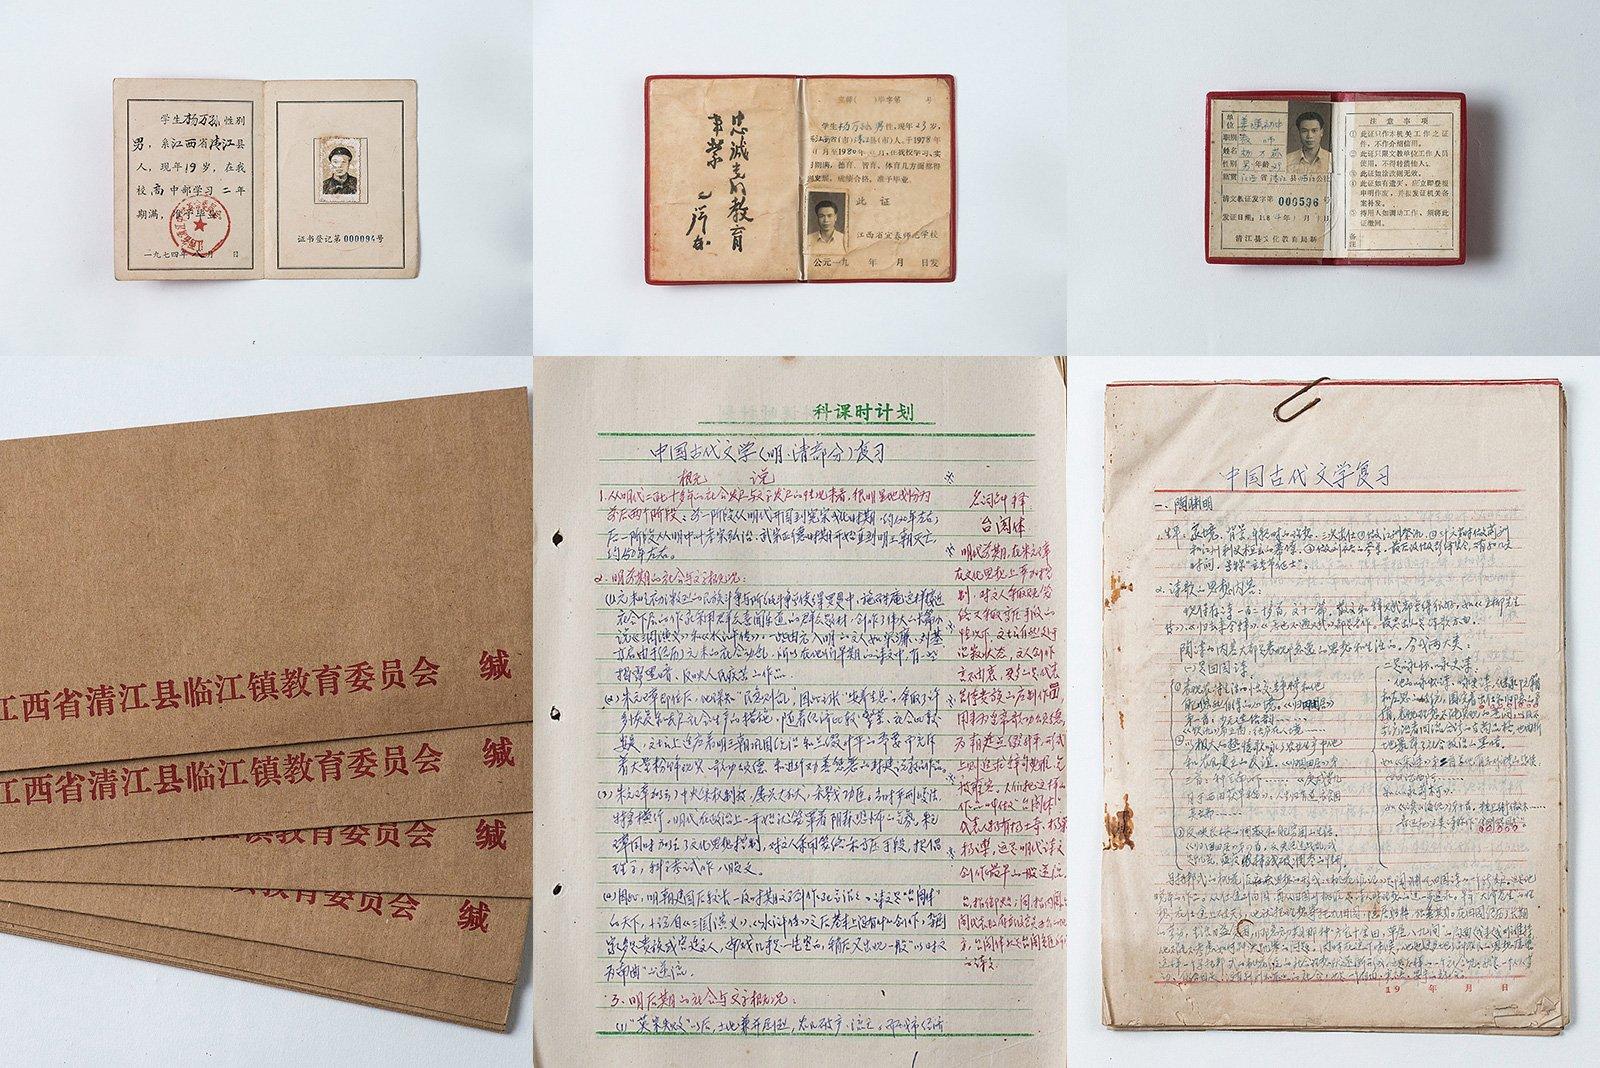 父亲年轻时是村里有文化的人,1980年中专毕业后被分配到临江镇姜璜中学,成为一名人民教师;1985年被调到临江乡文教组。和爷爷一样,父亲当了十几年的语文老师,教案里整整齐齐地写着每一课的重点和讲解。